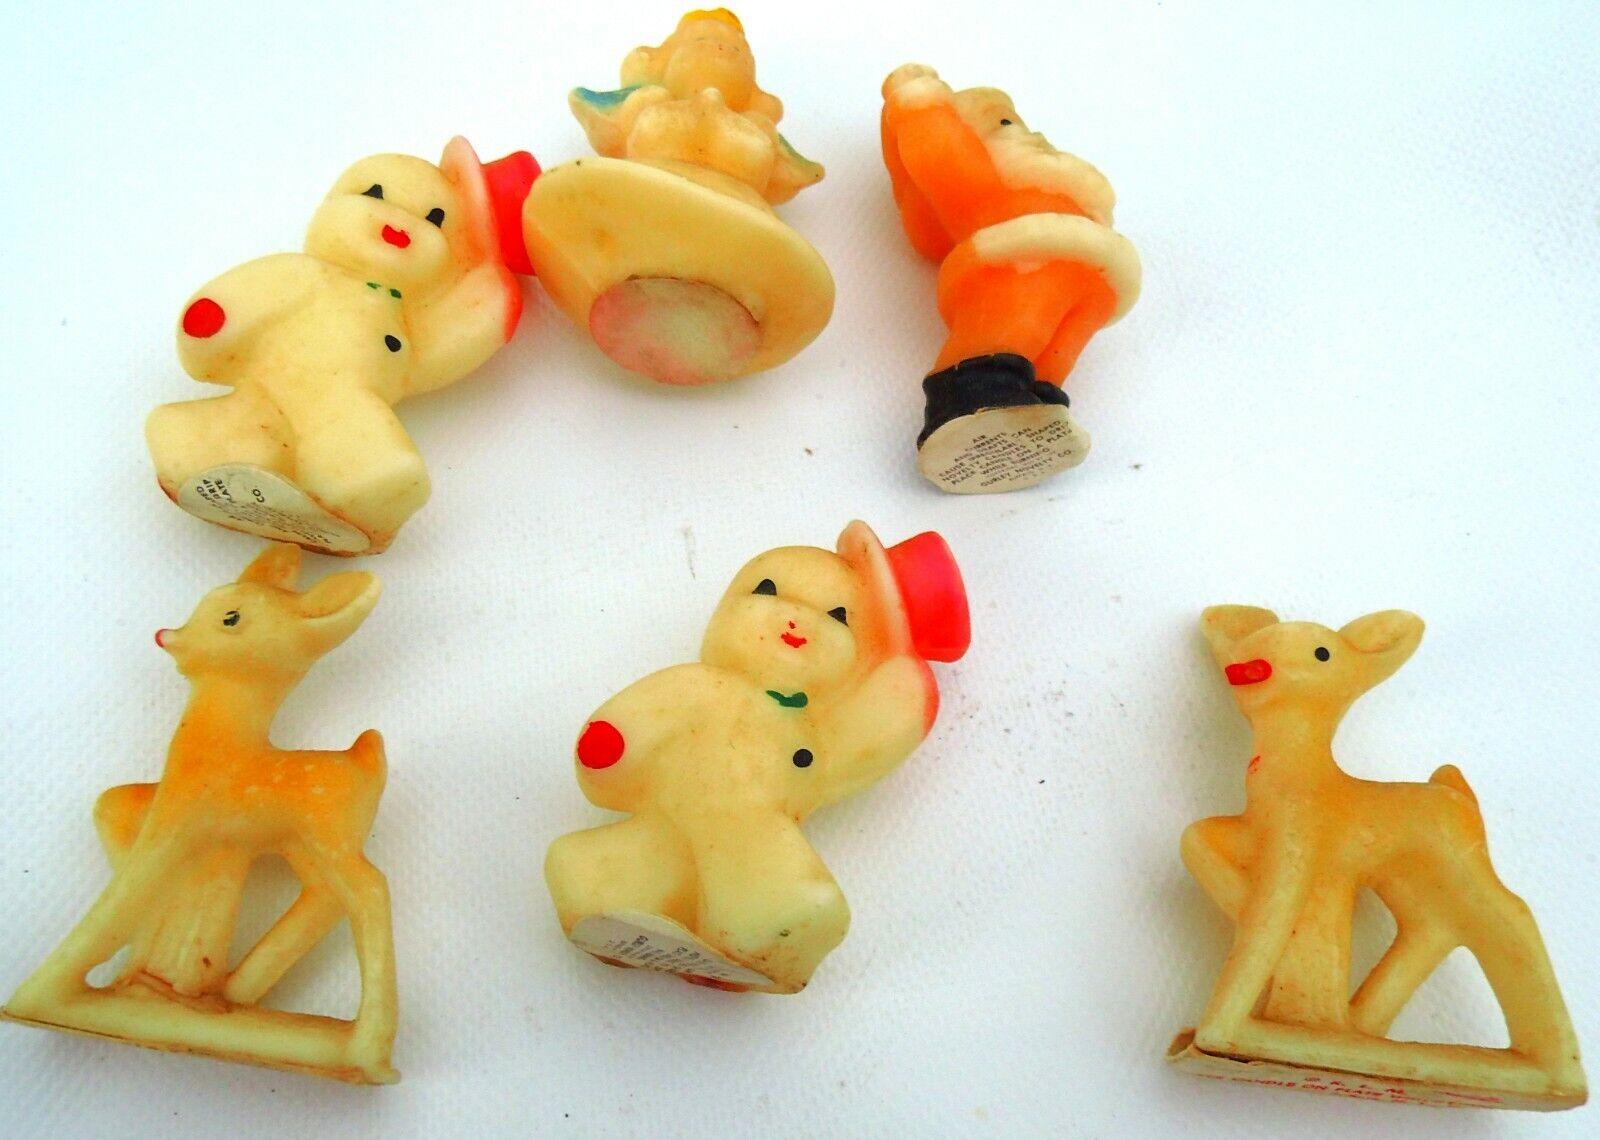 Uralte Weihnachts Kerzen Wachskerzen mit Weihnachtsmotiv Old Christmas Candles